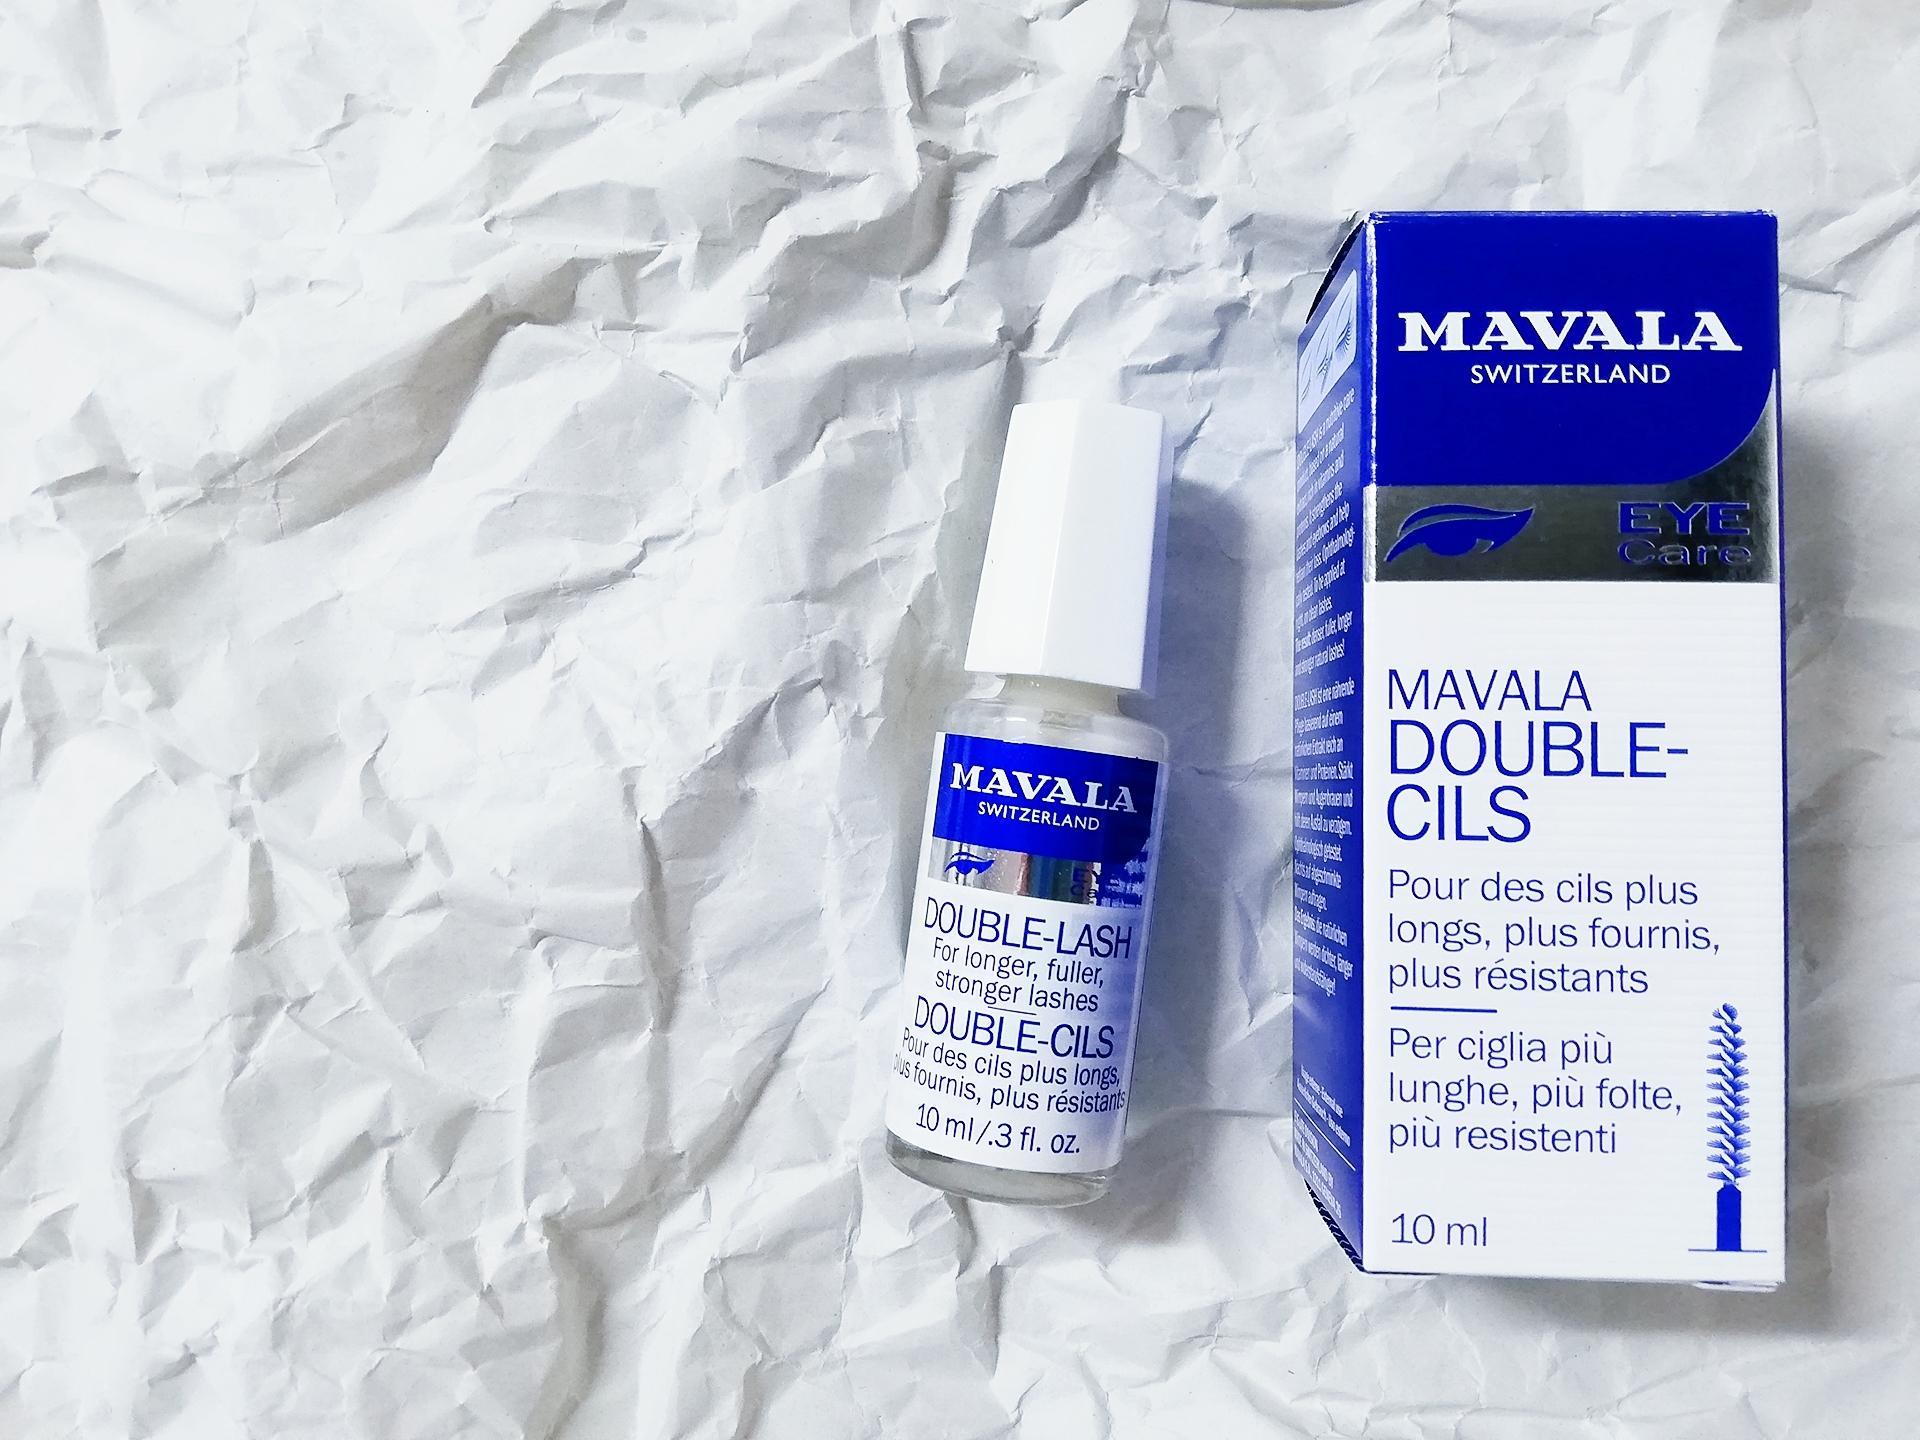 スイス生まれのロングセラーまつ毛美容液【マヴァラ(Mavala) ダブルラッシュ】で艶とハリのあるまつ毛をキープしています